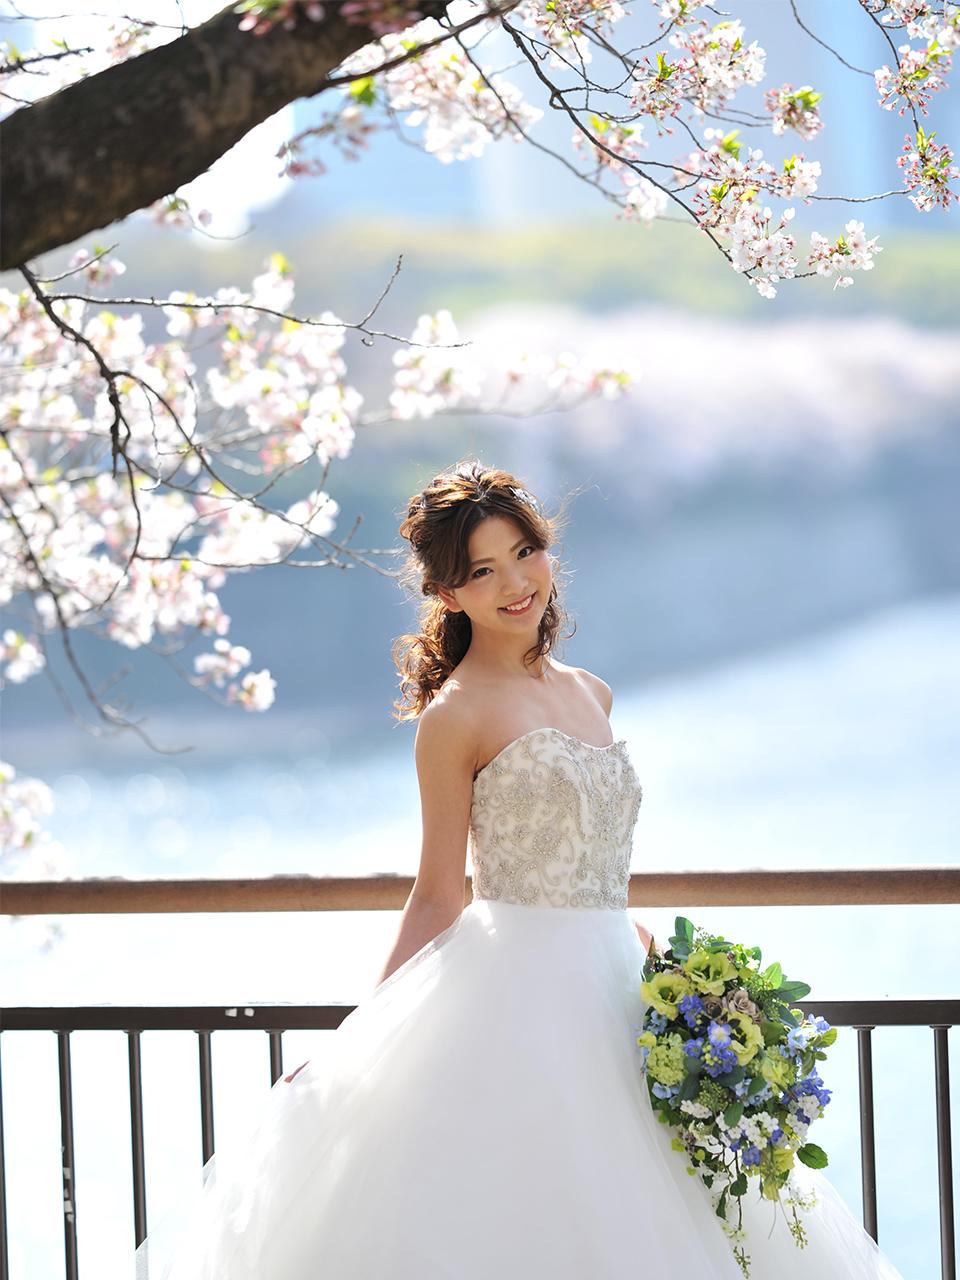 桜の木の下でウェディングドレスをお召しになりほほえむ花嫁